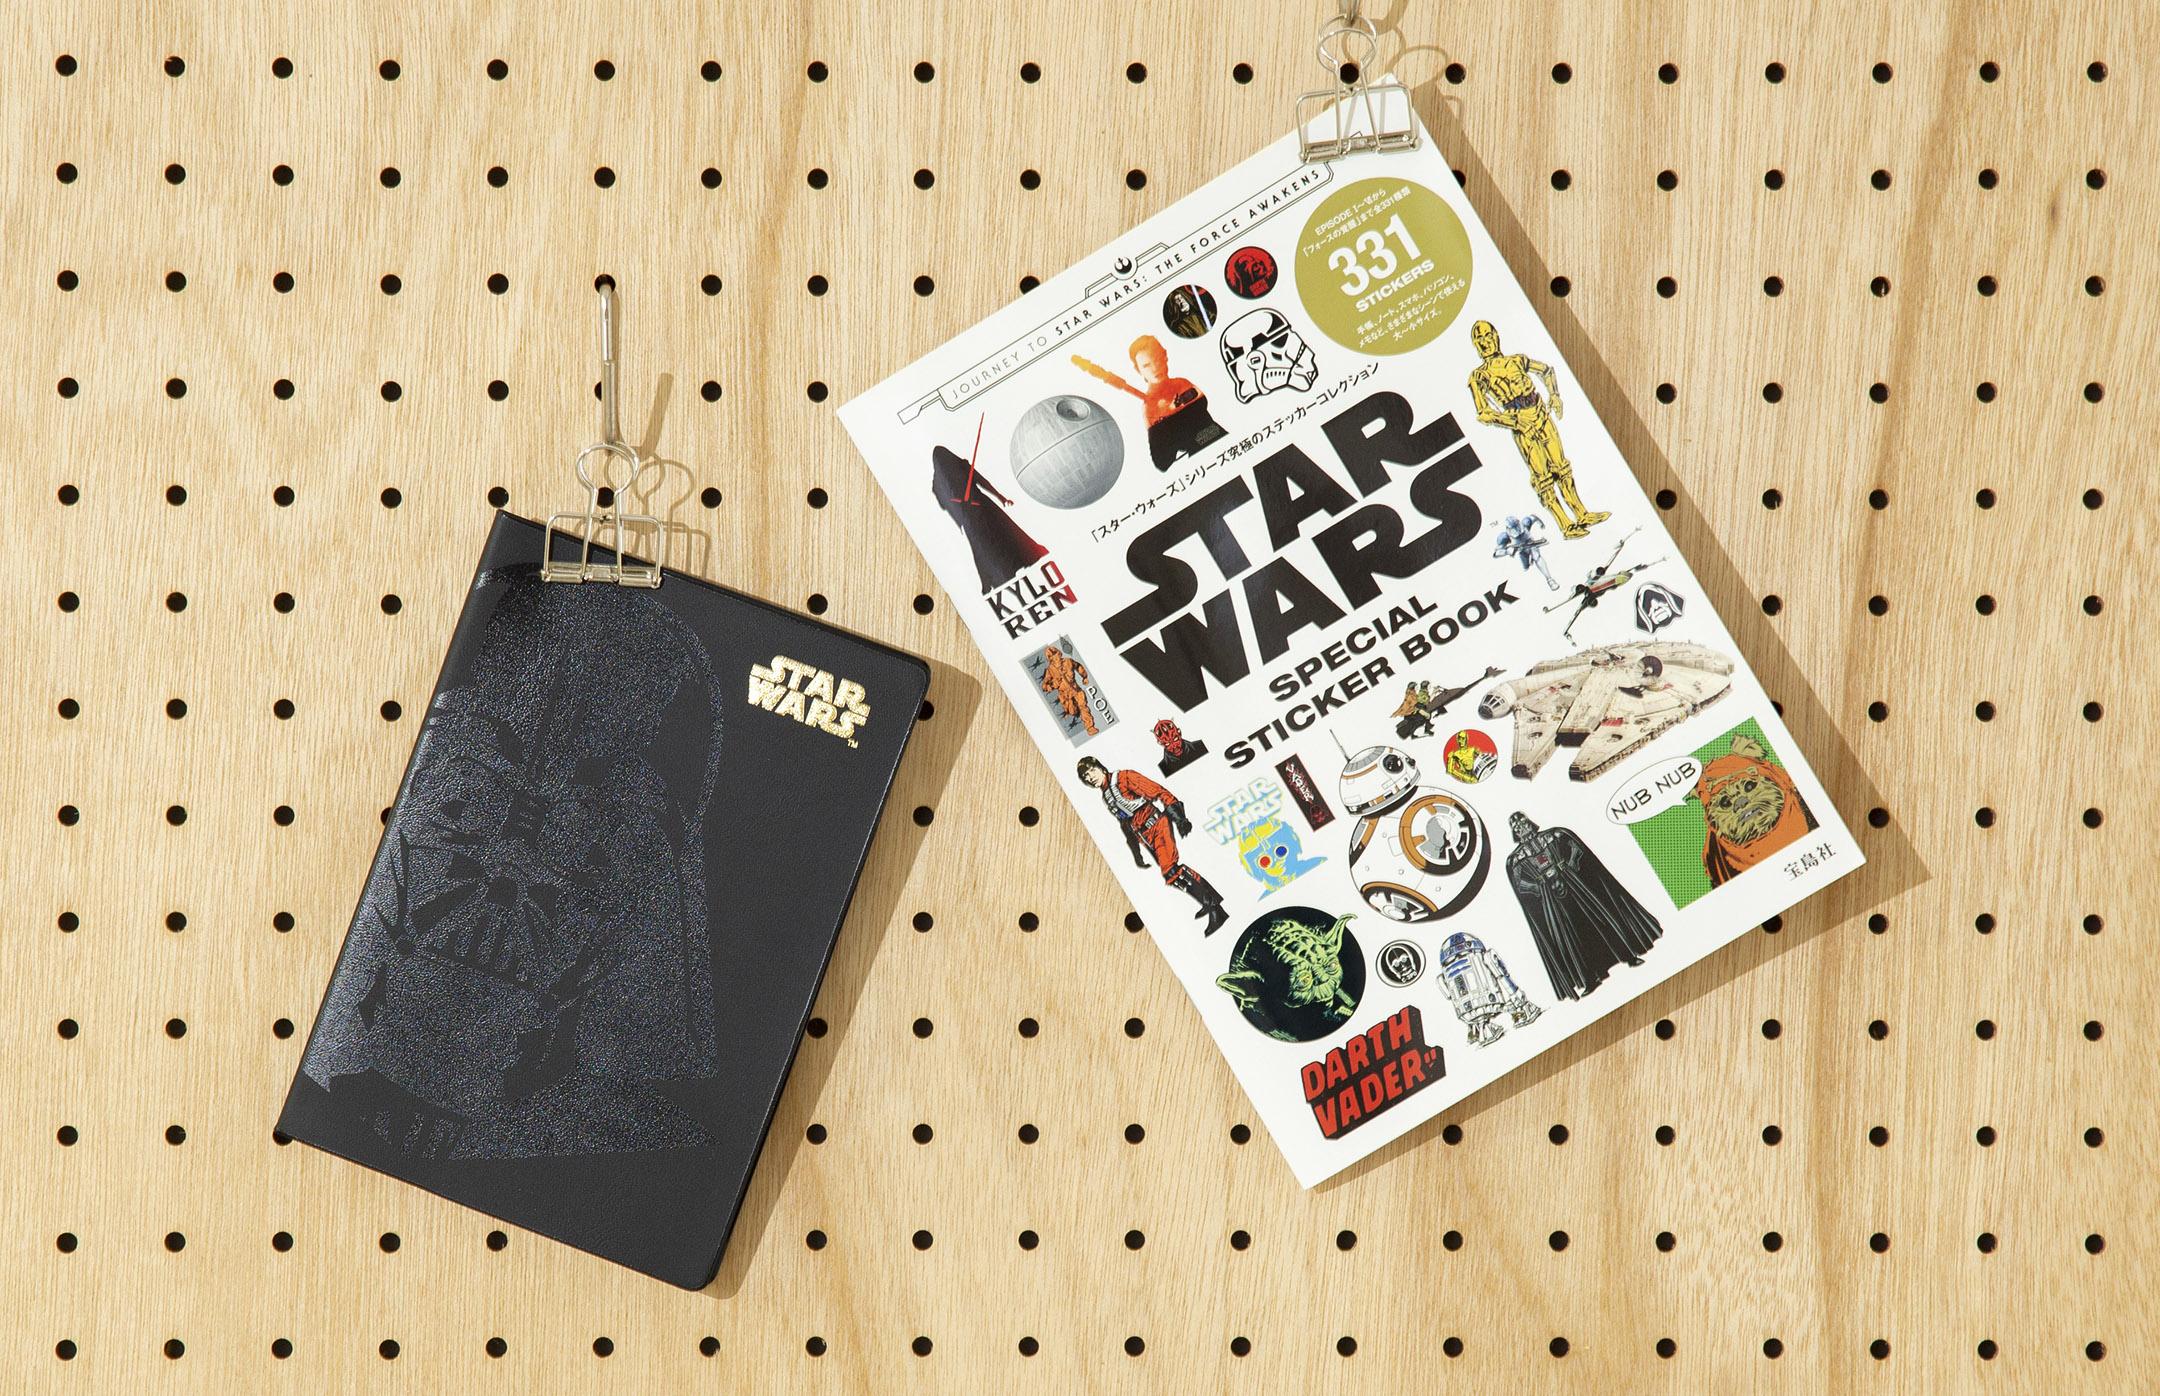 STAR WARS SPECIAL STICKER BOOK